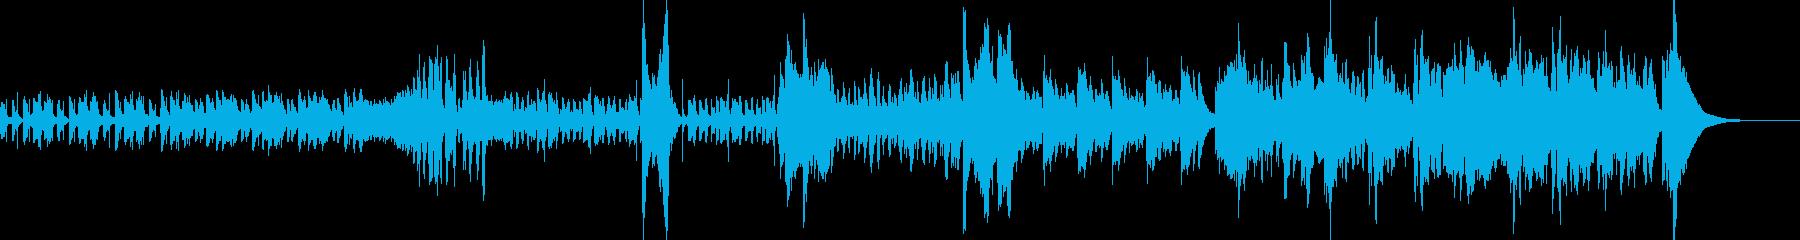 ジャズテイストなピアノとオーケストラの再生済みの波形